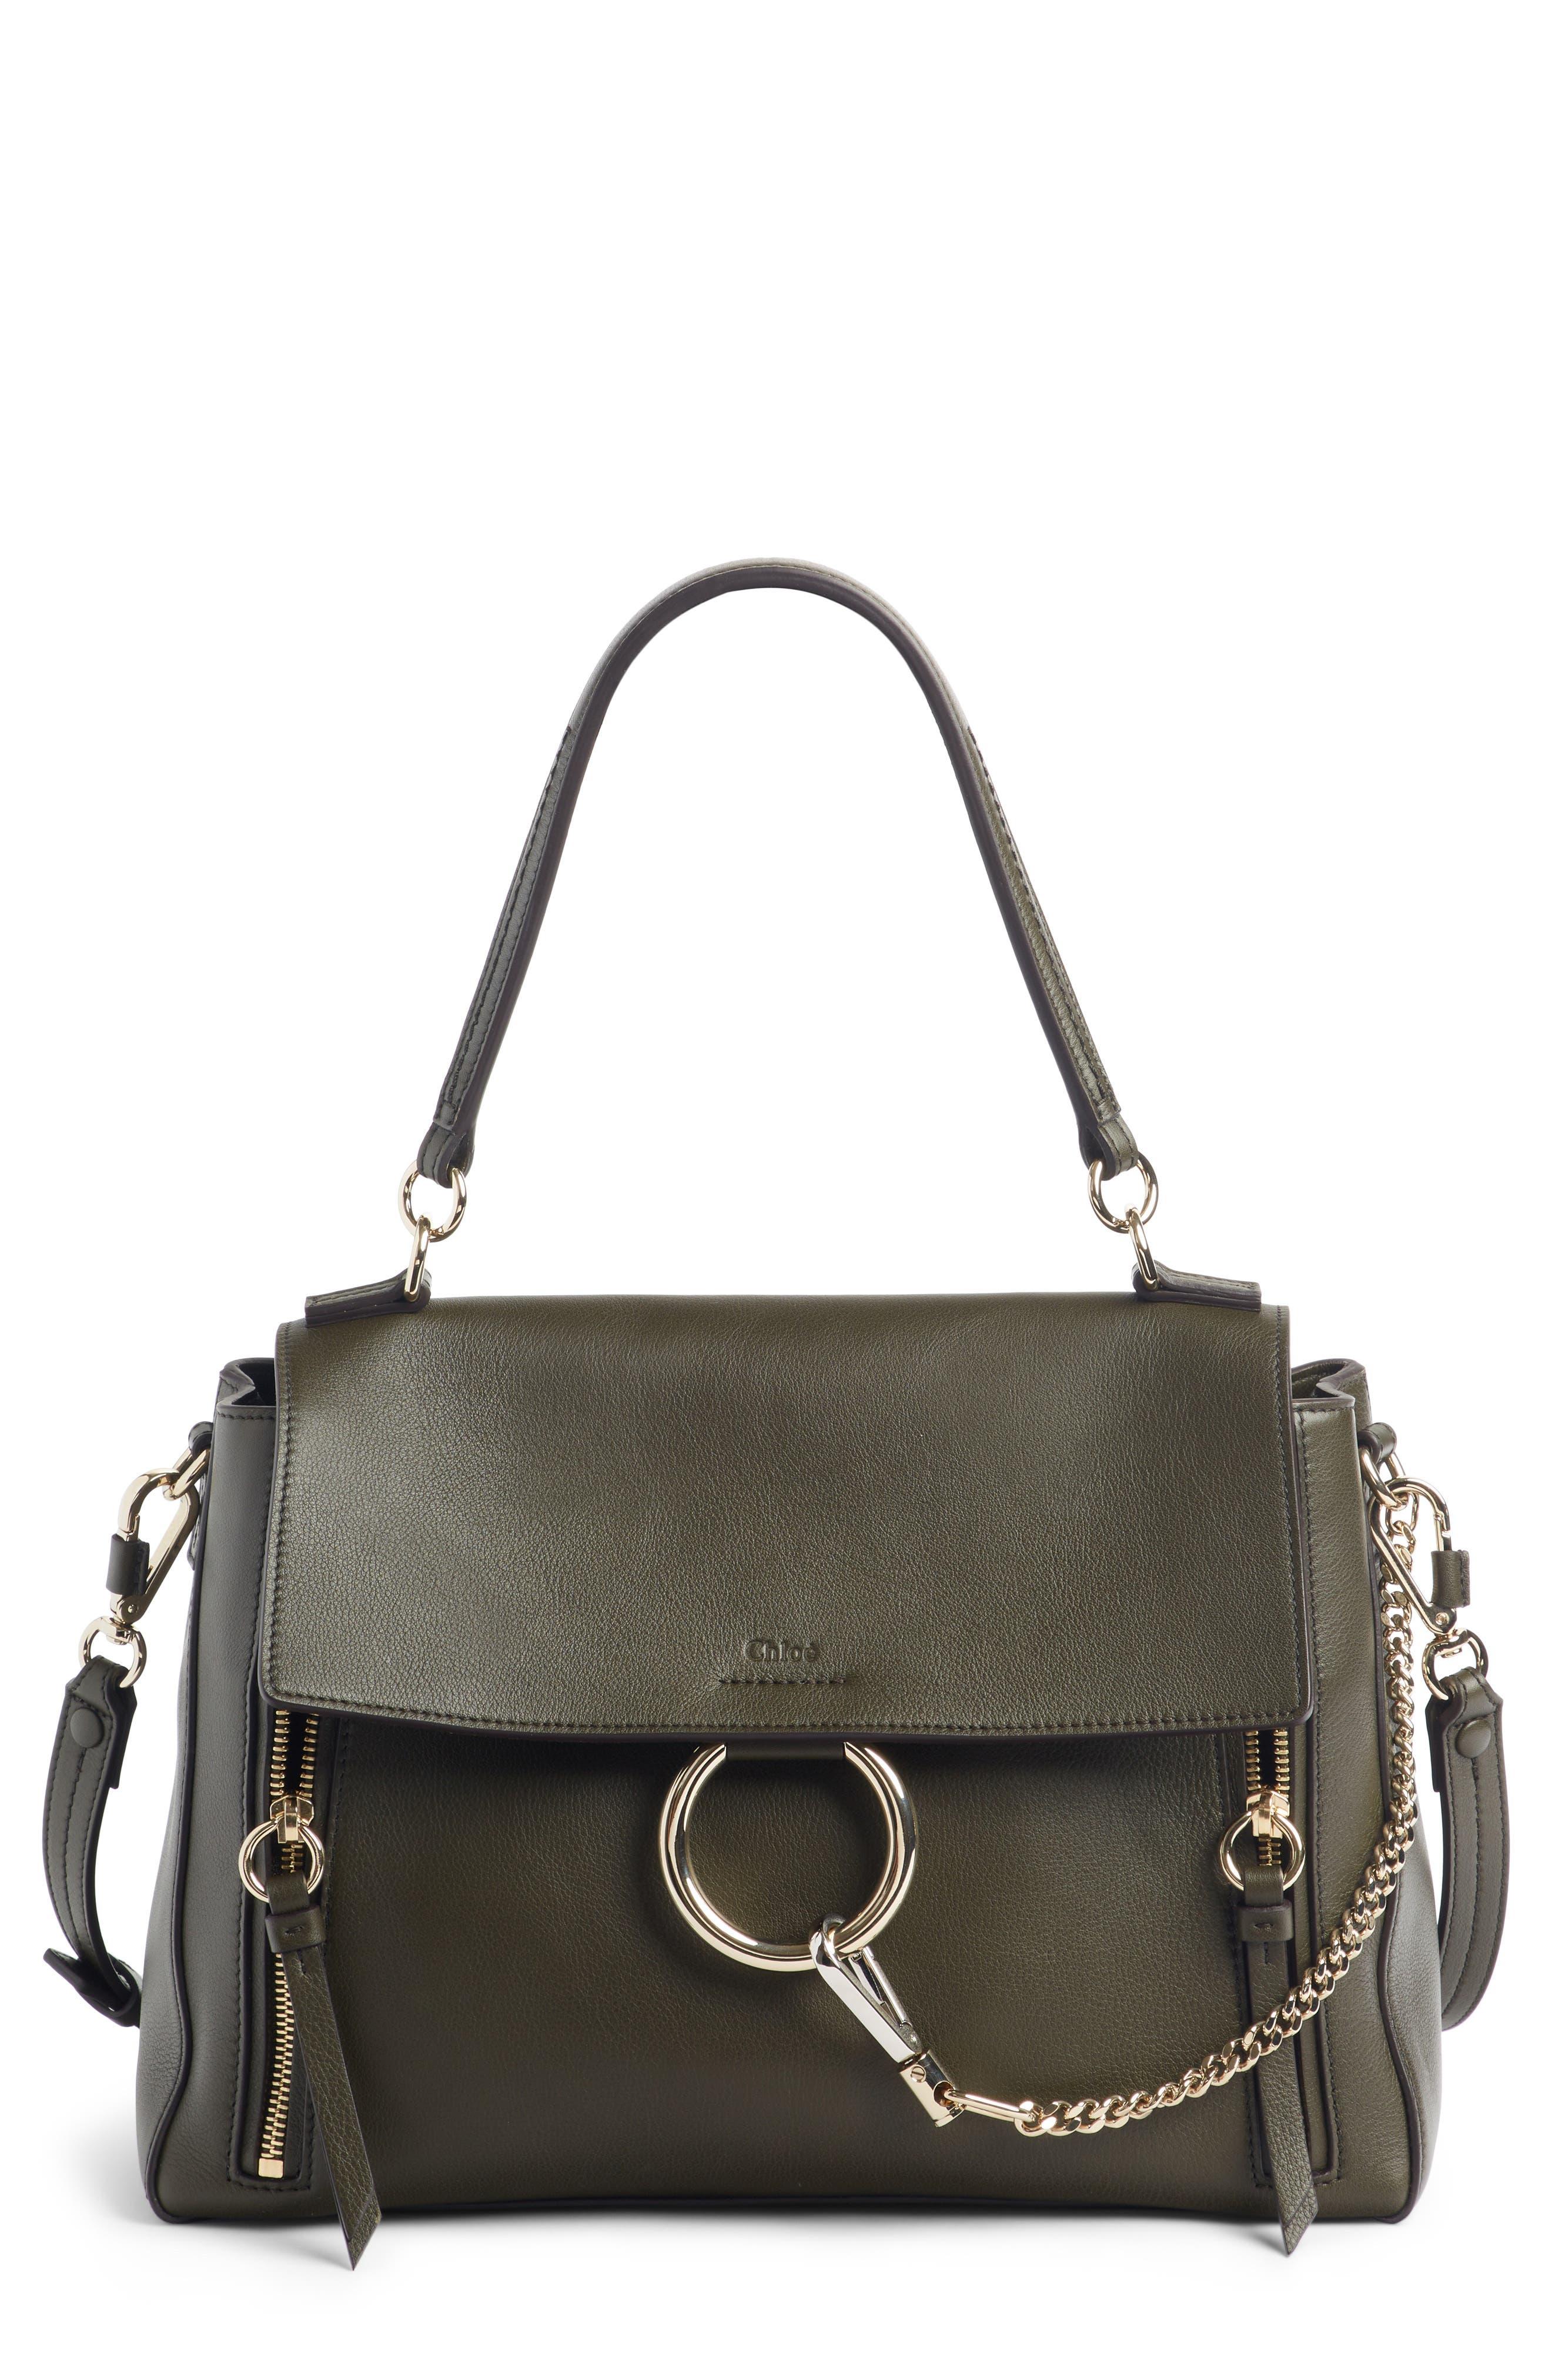 Medium Faye Leather Shoulder Bag,                         Main,                         color, DEEP FOREST